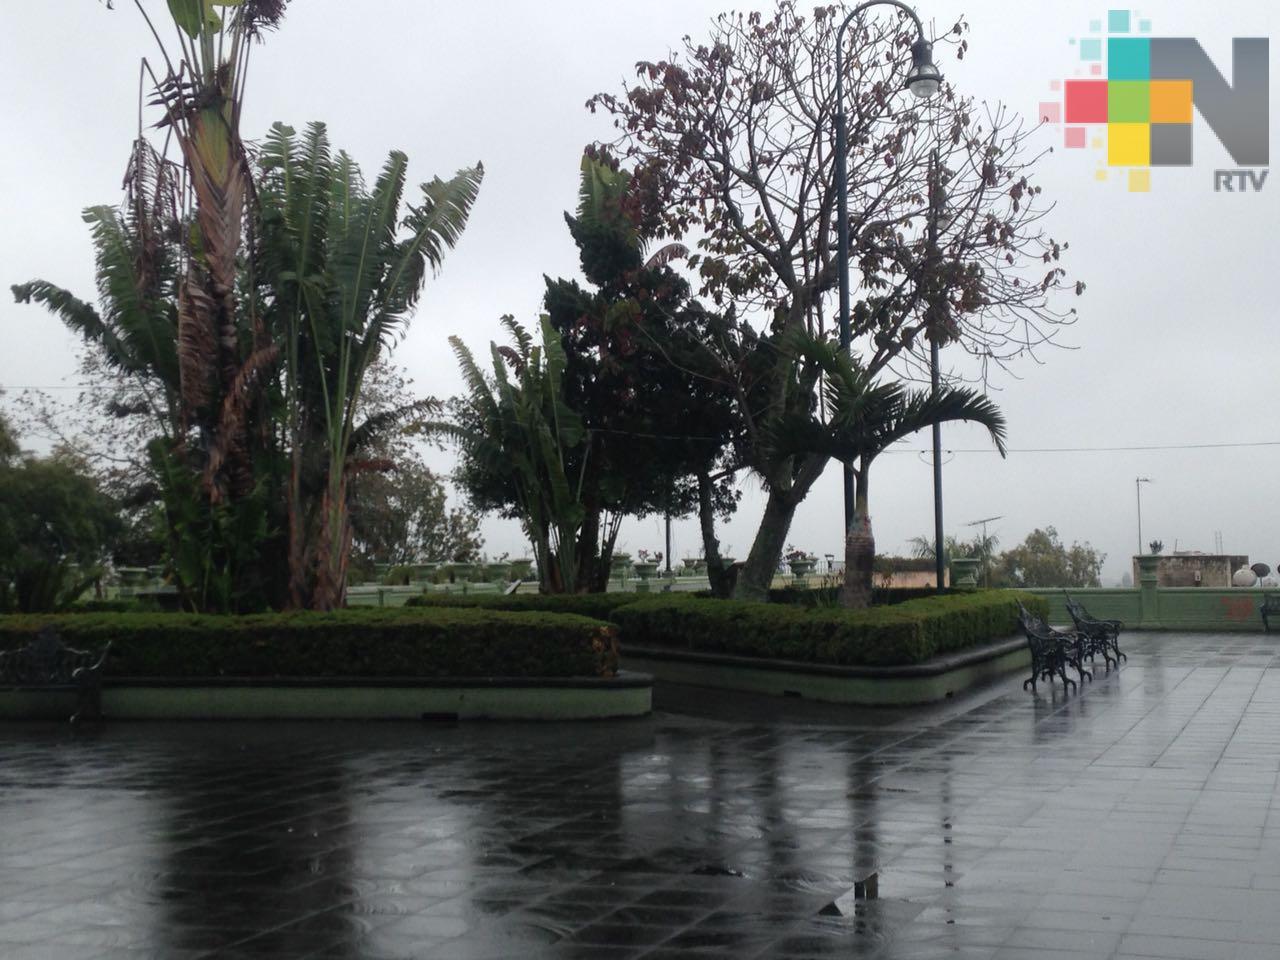 Siguen nieblas, lloviznas y lluvias en la entidad veracruzana